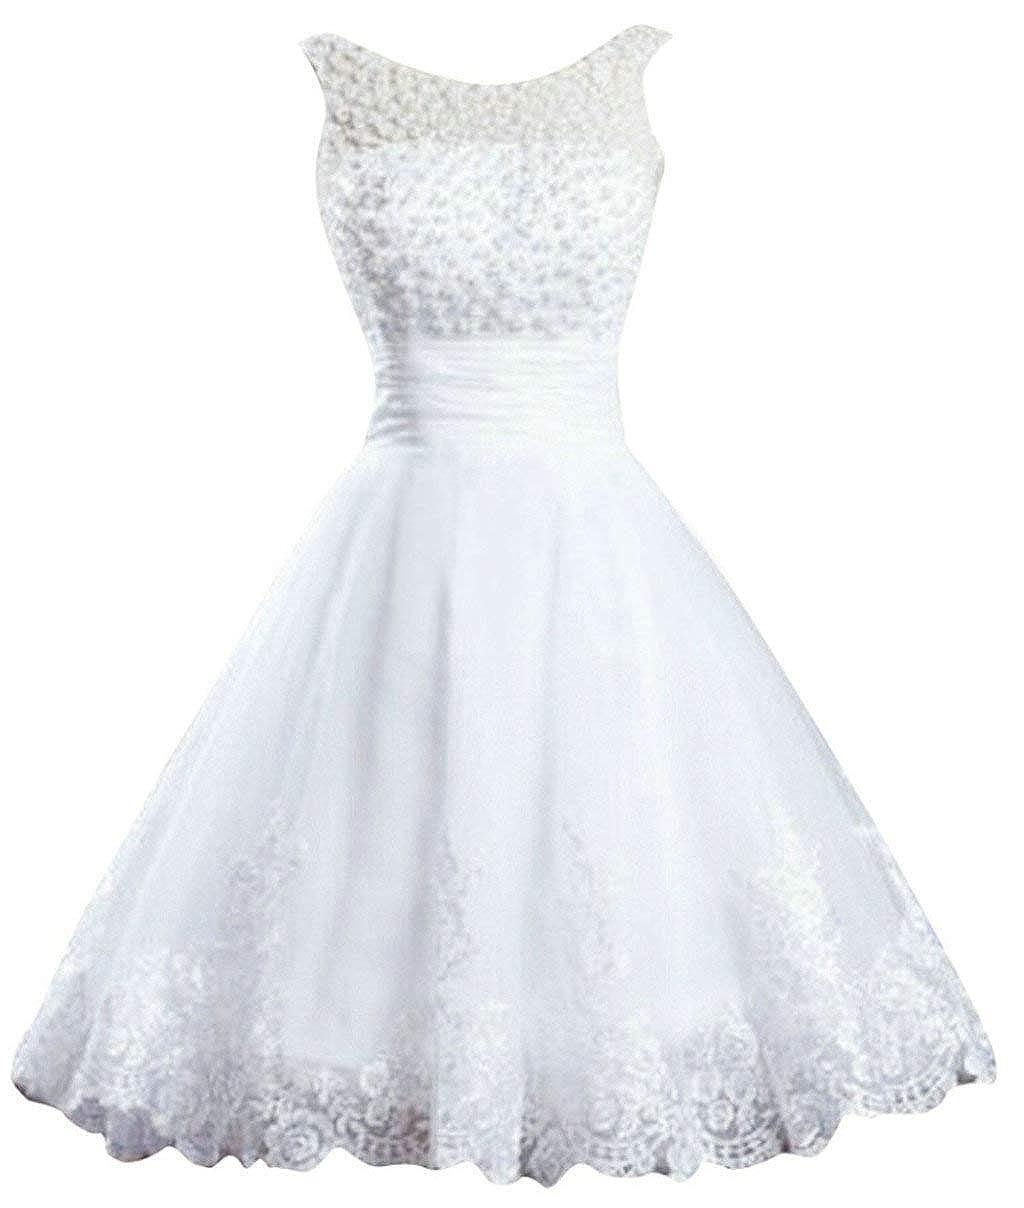 White Vantexi Women's Elegant Sheer Neck Pearls Short Wedding Dresses Prom Ball Gowns